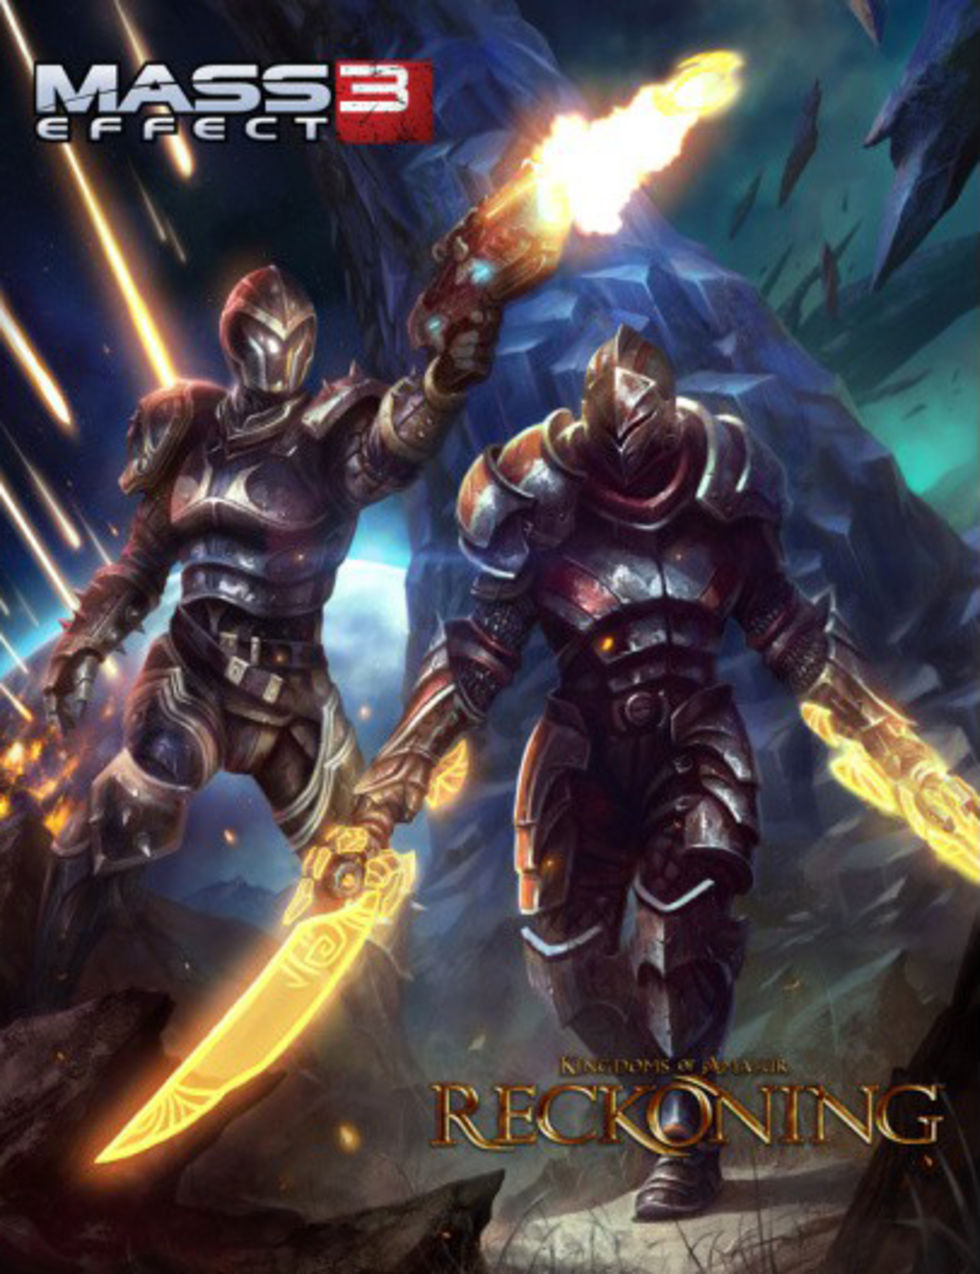 Spela demot till Kingdoms of Amalur: Reckoning och få extra innehåll till Mass Effect 3